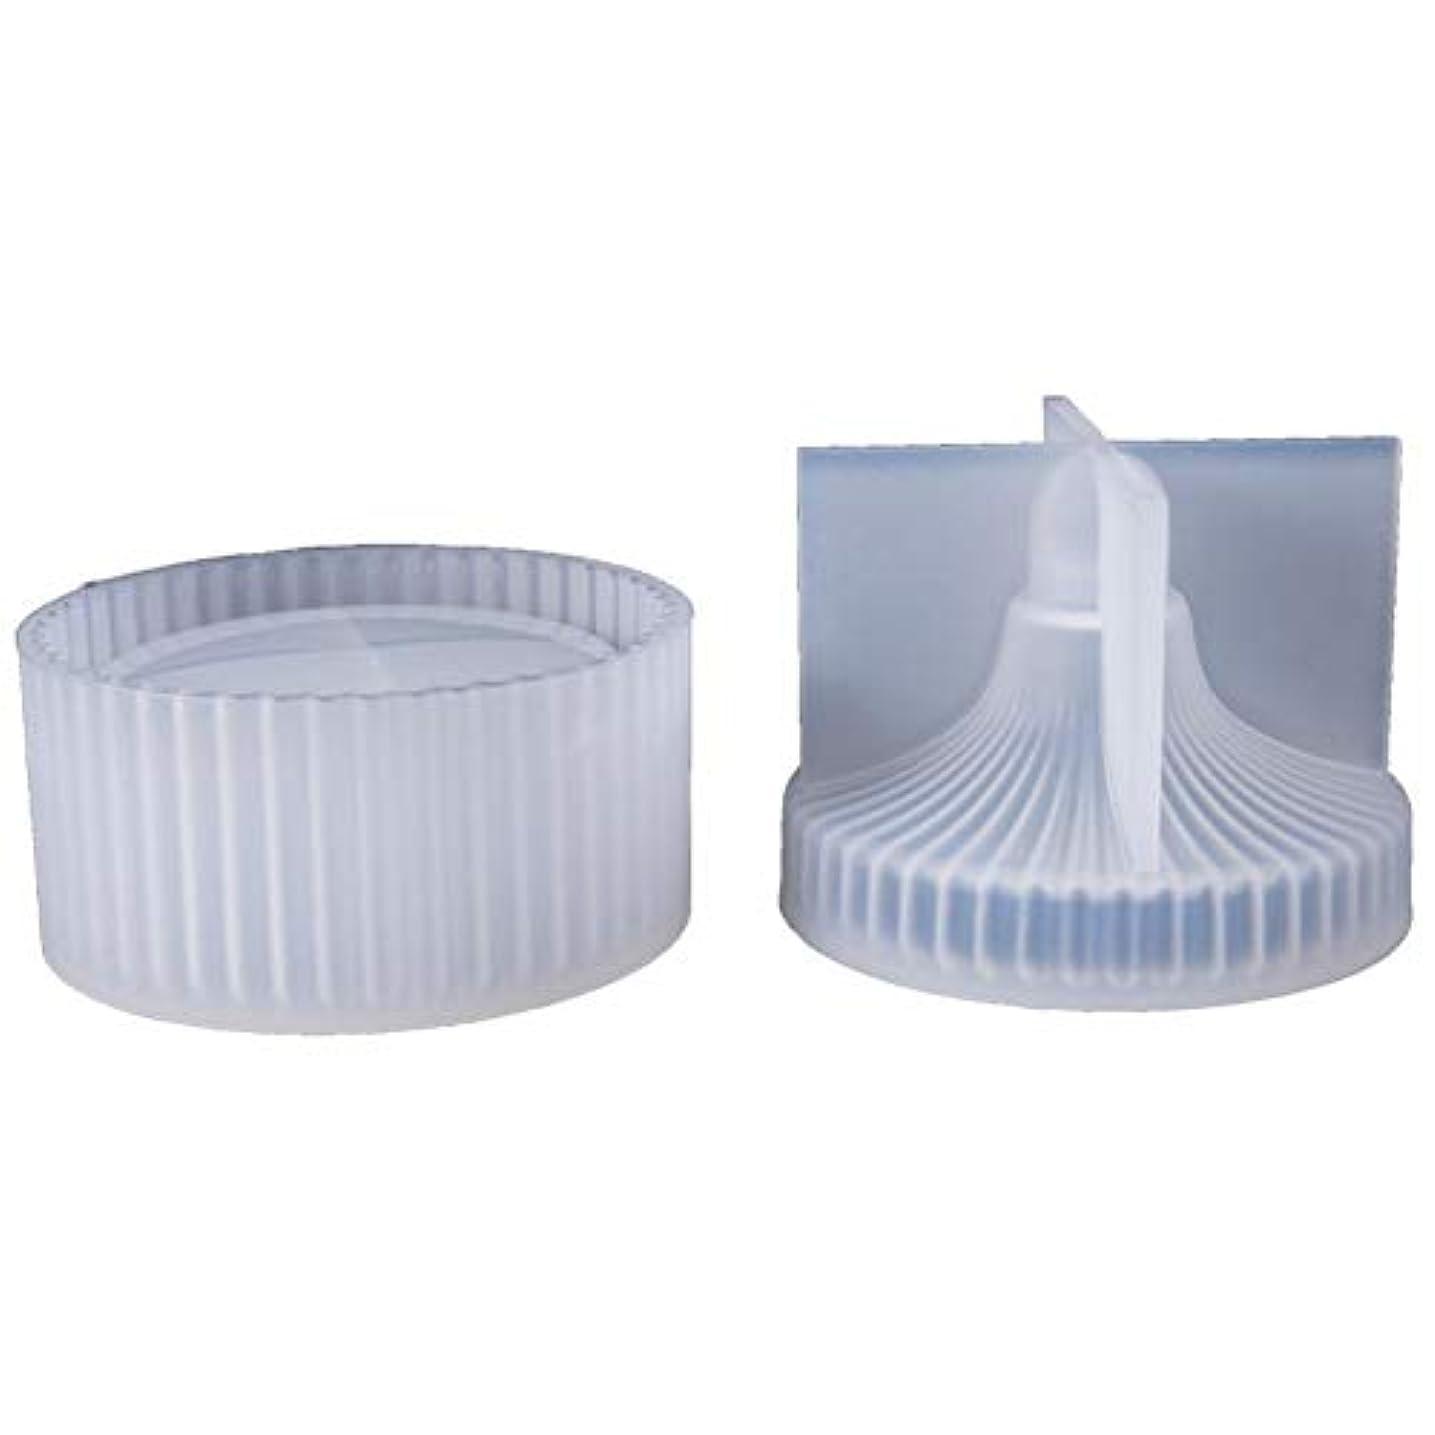 シンプトン茎容量クリスタルエポキシ収納ボックス 鋳型 食品グレード シリコーン材料 -40℃〜230℃ 弾力性 安全性 非毒性 無臭 DIYモールド